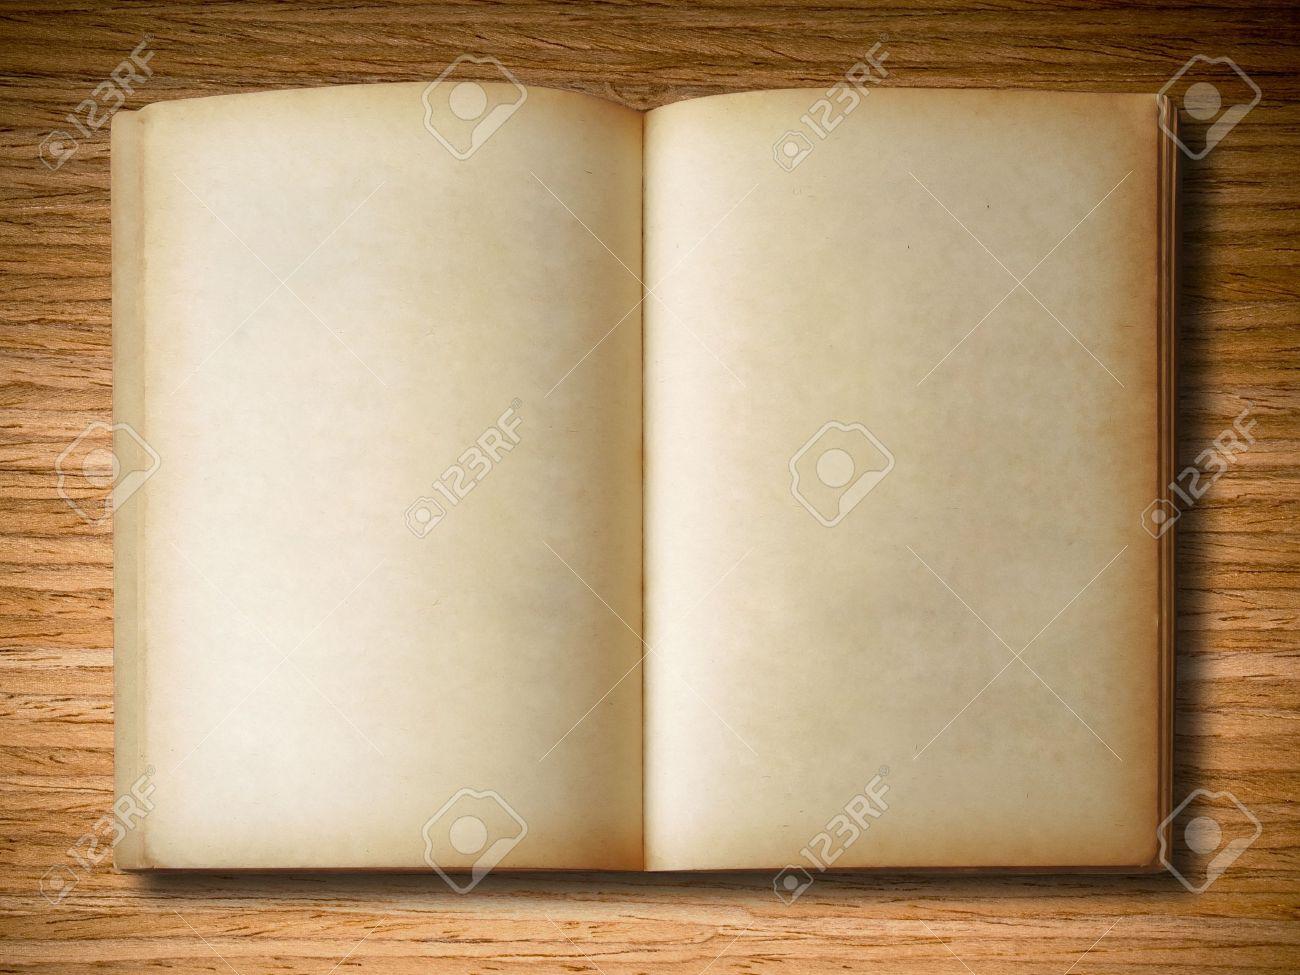 Ancien Livre Ouvert Sur Fond De Bois Chene